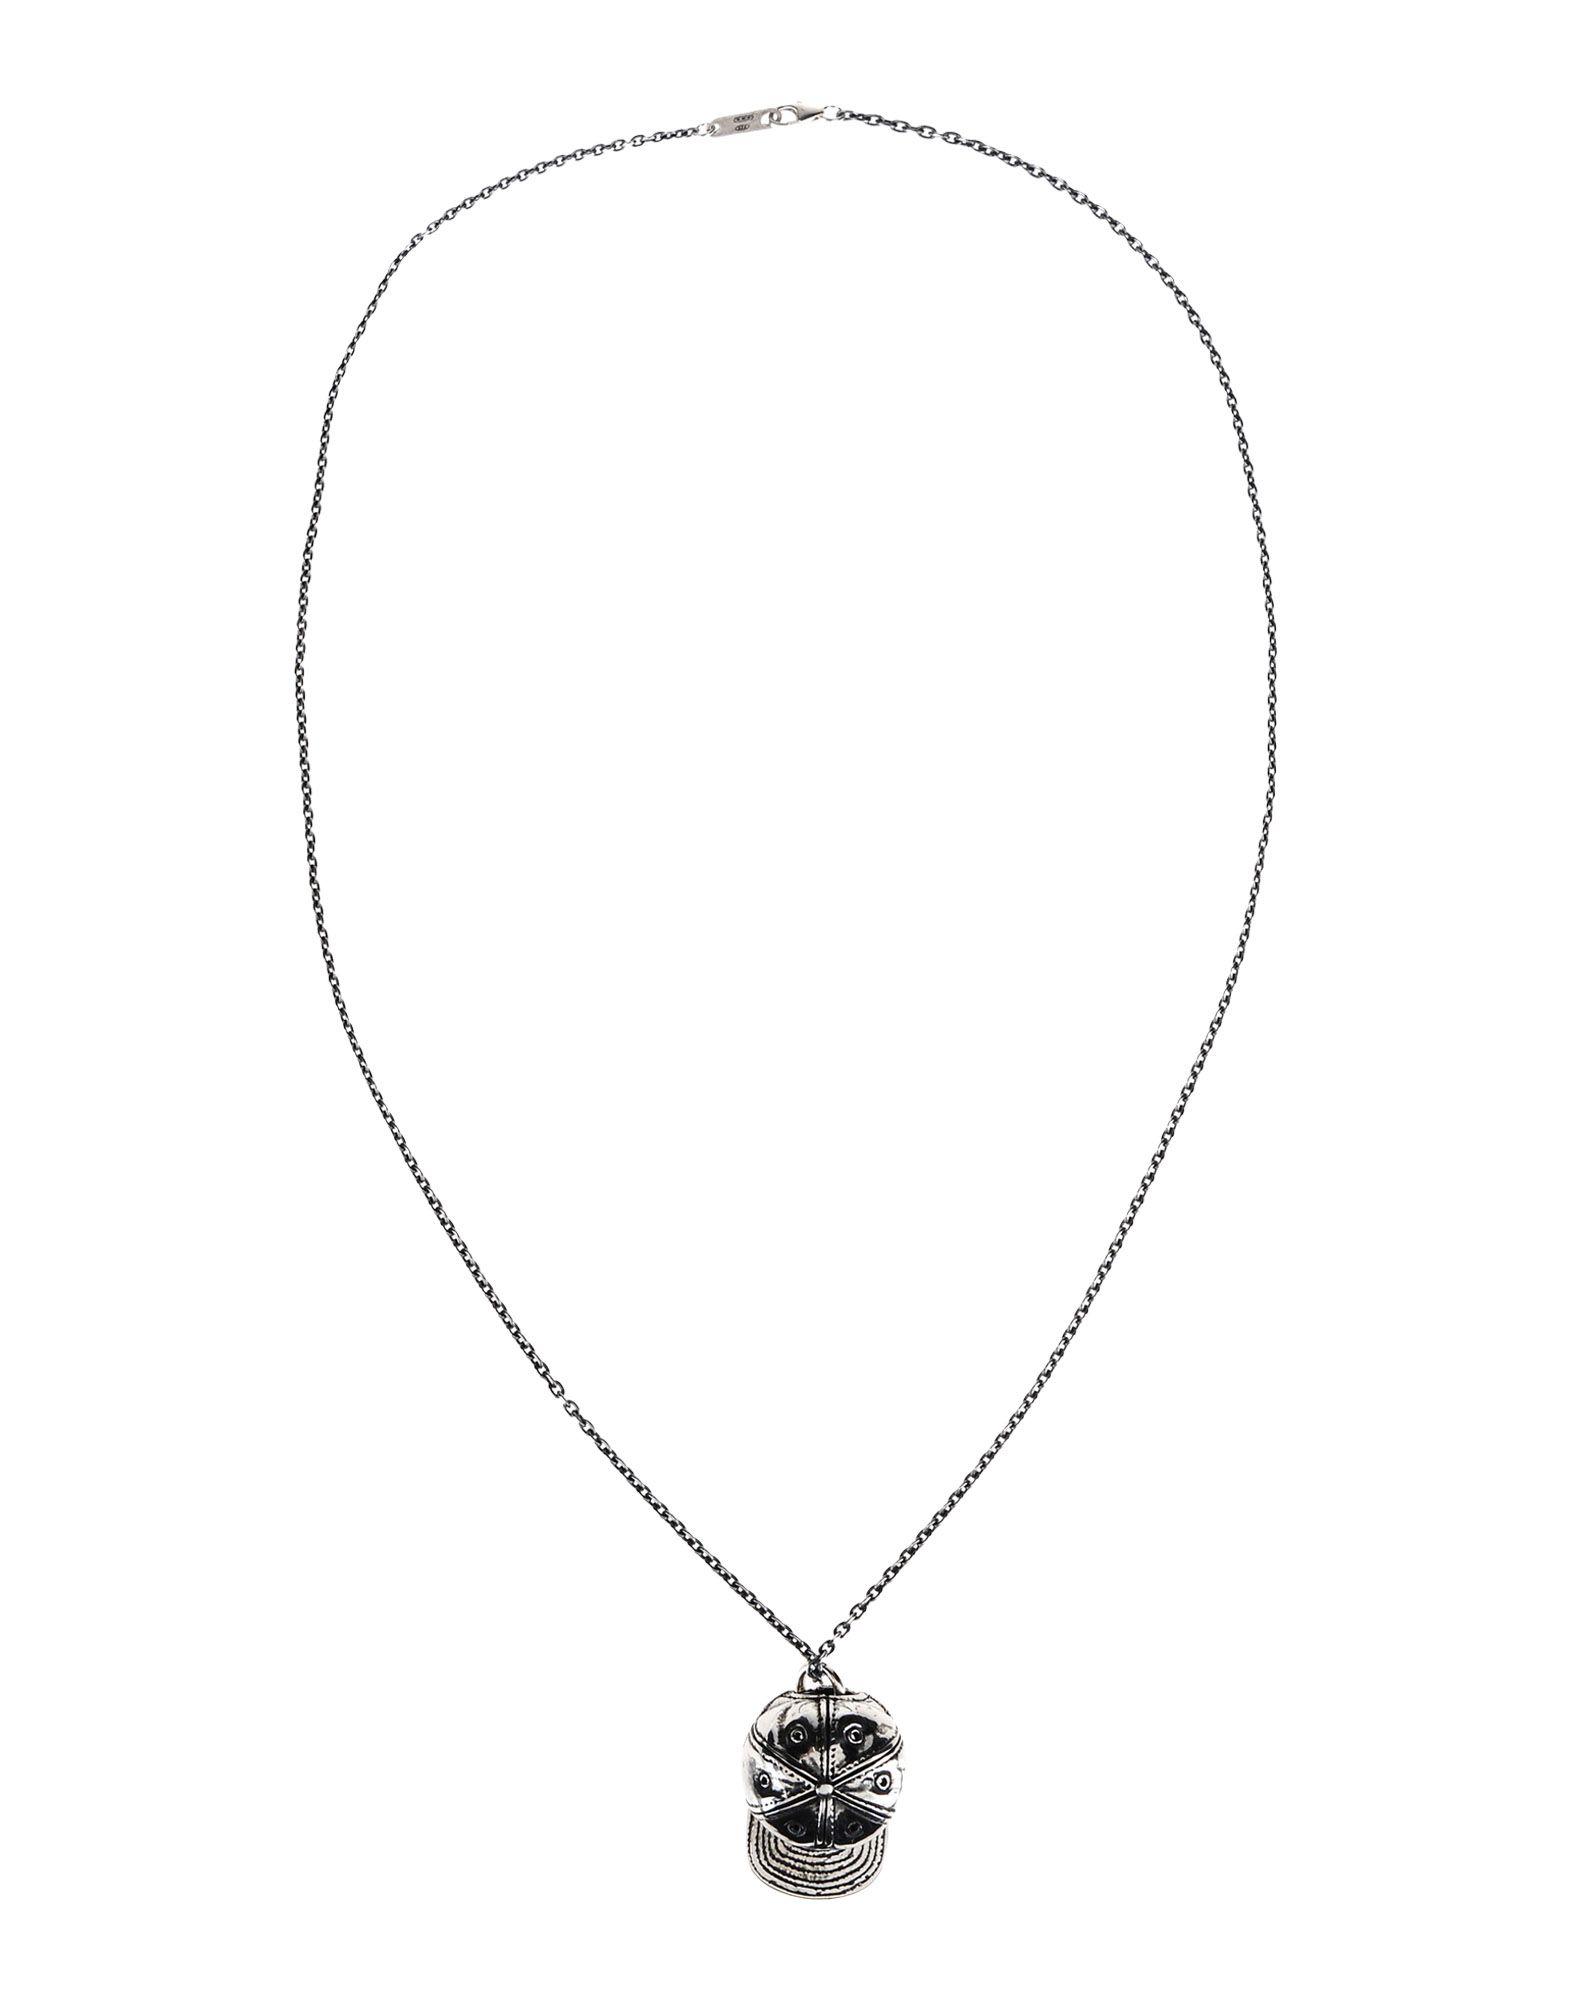 MANUEL BOZZI Necklace in Silver